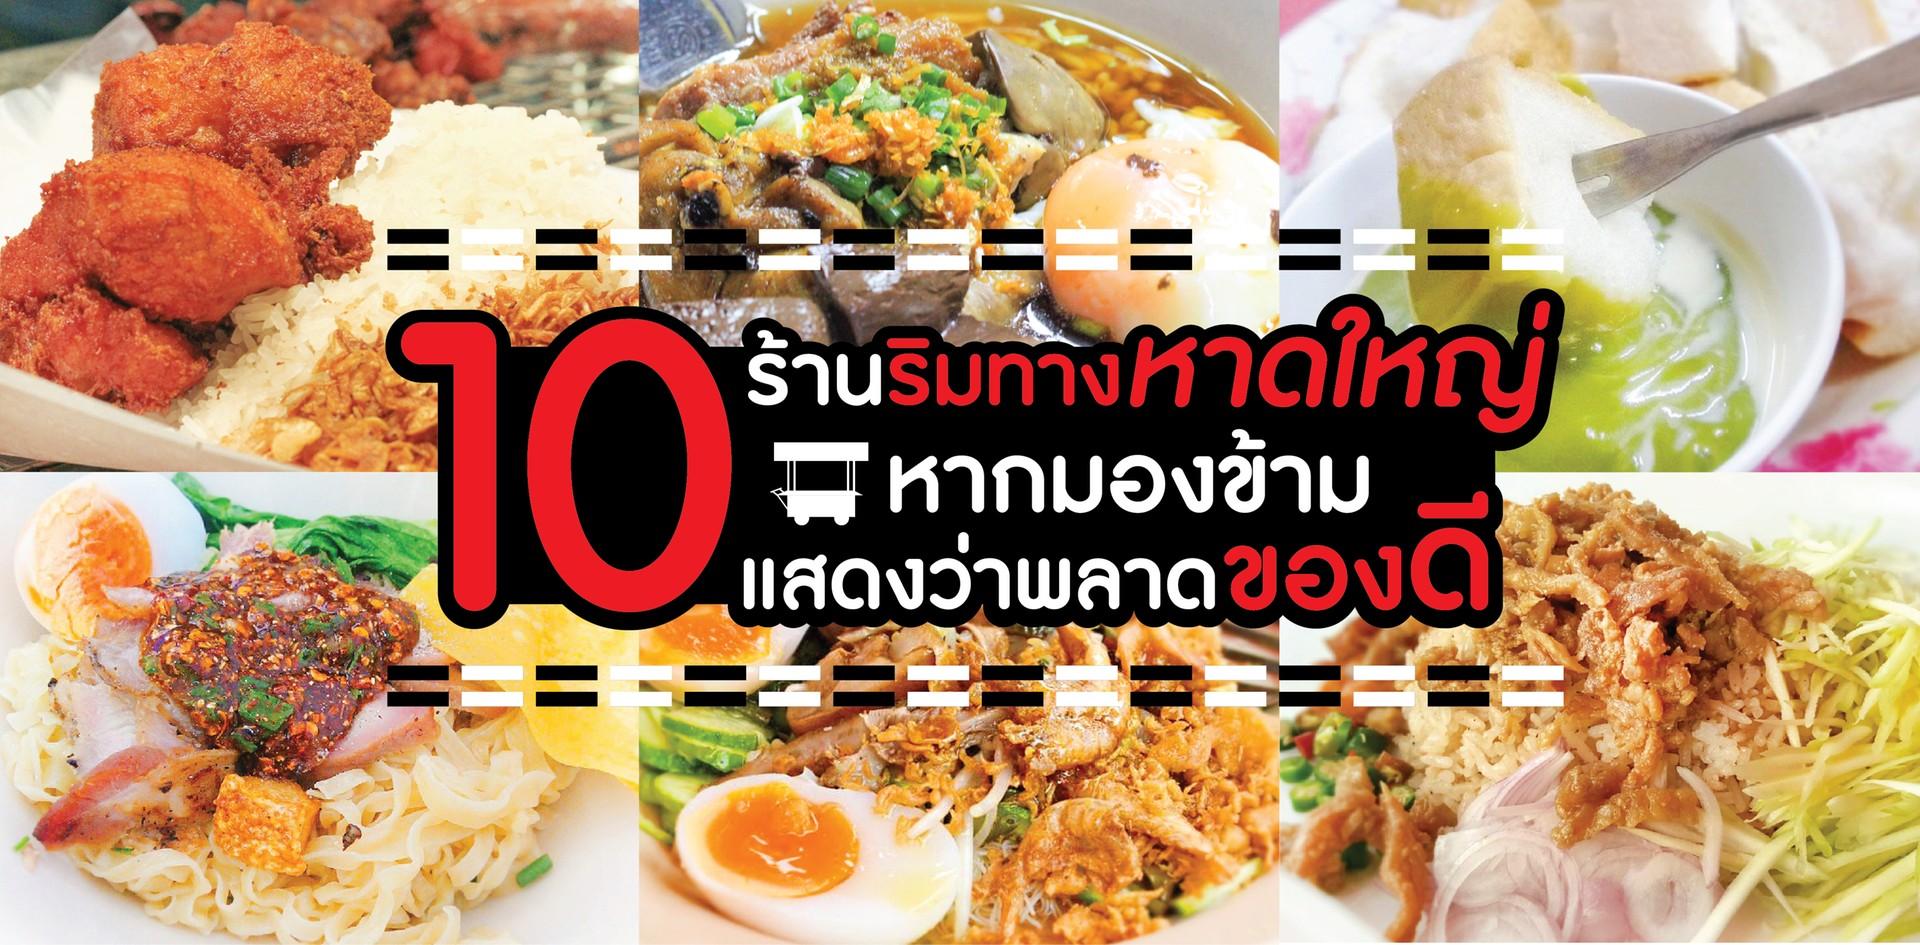 10 ร้านอาหารริมทางหาดใหญ่ หากมองข้ามแสดงว่าพลาดของดี